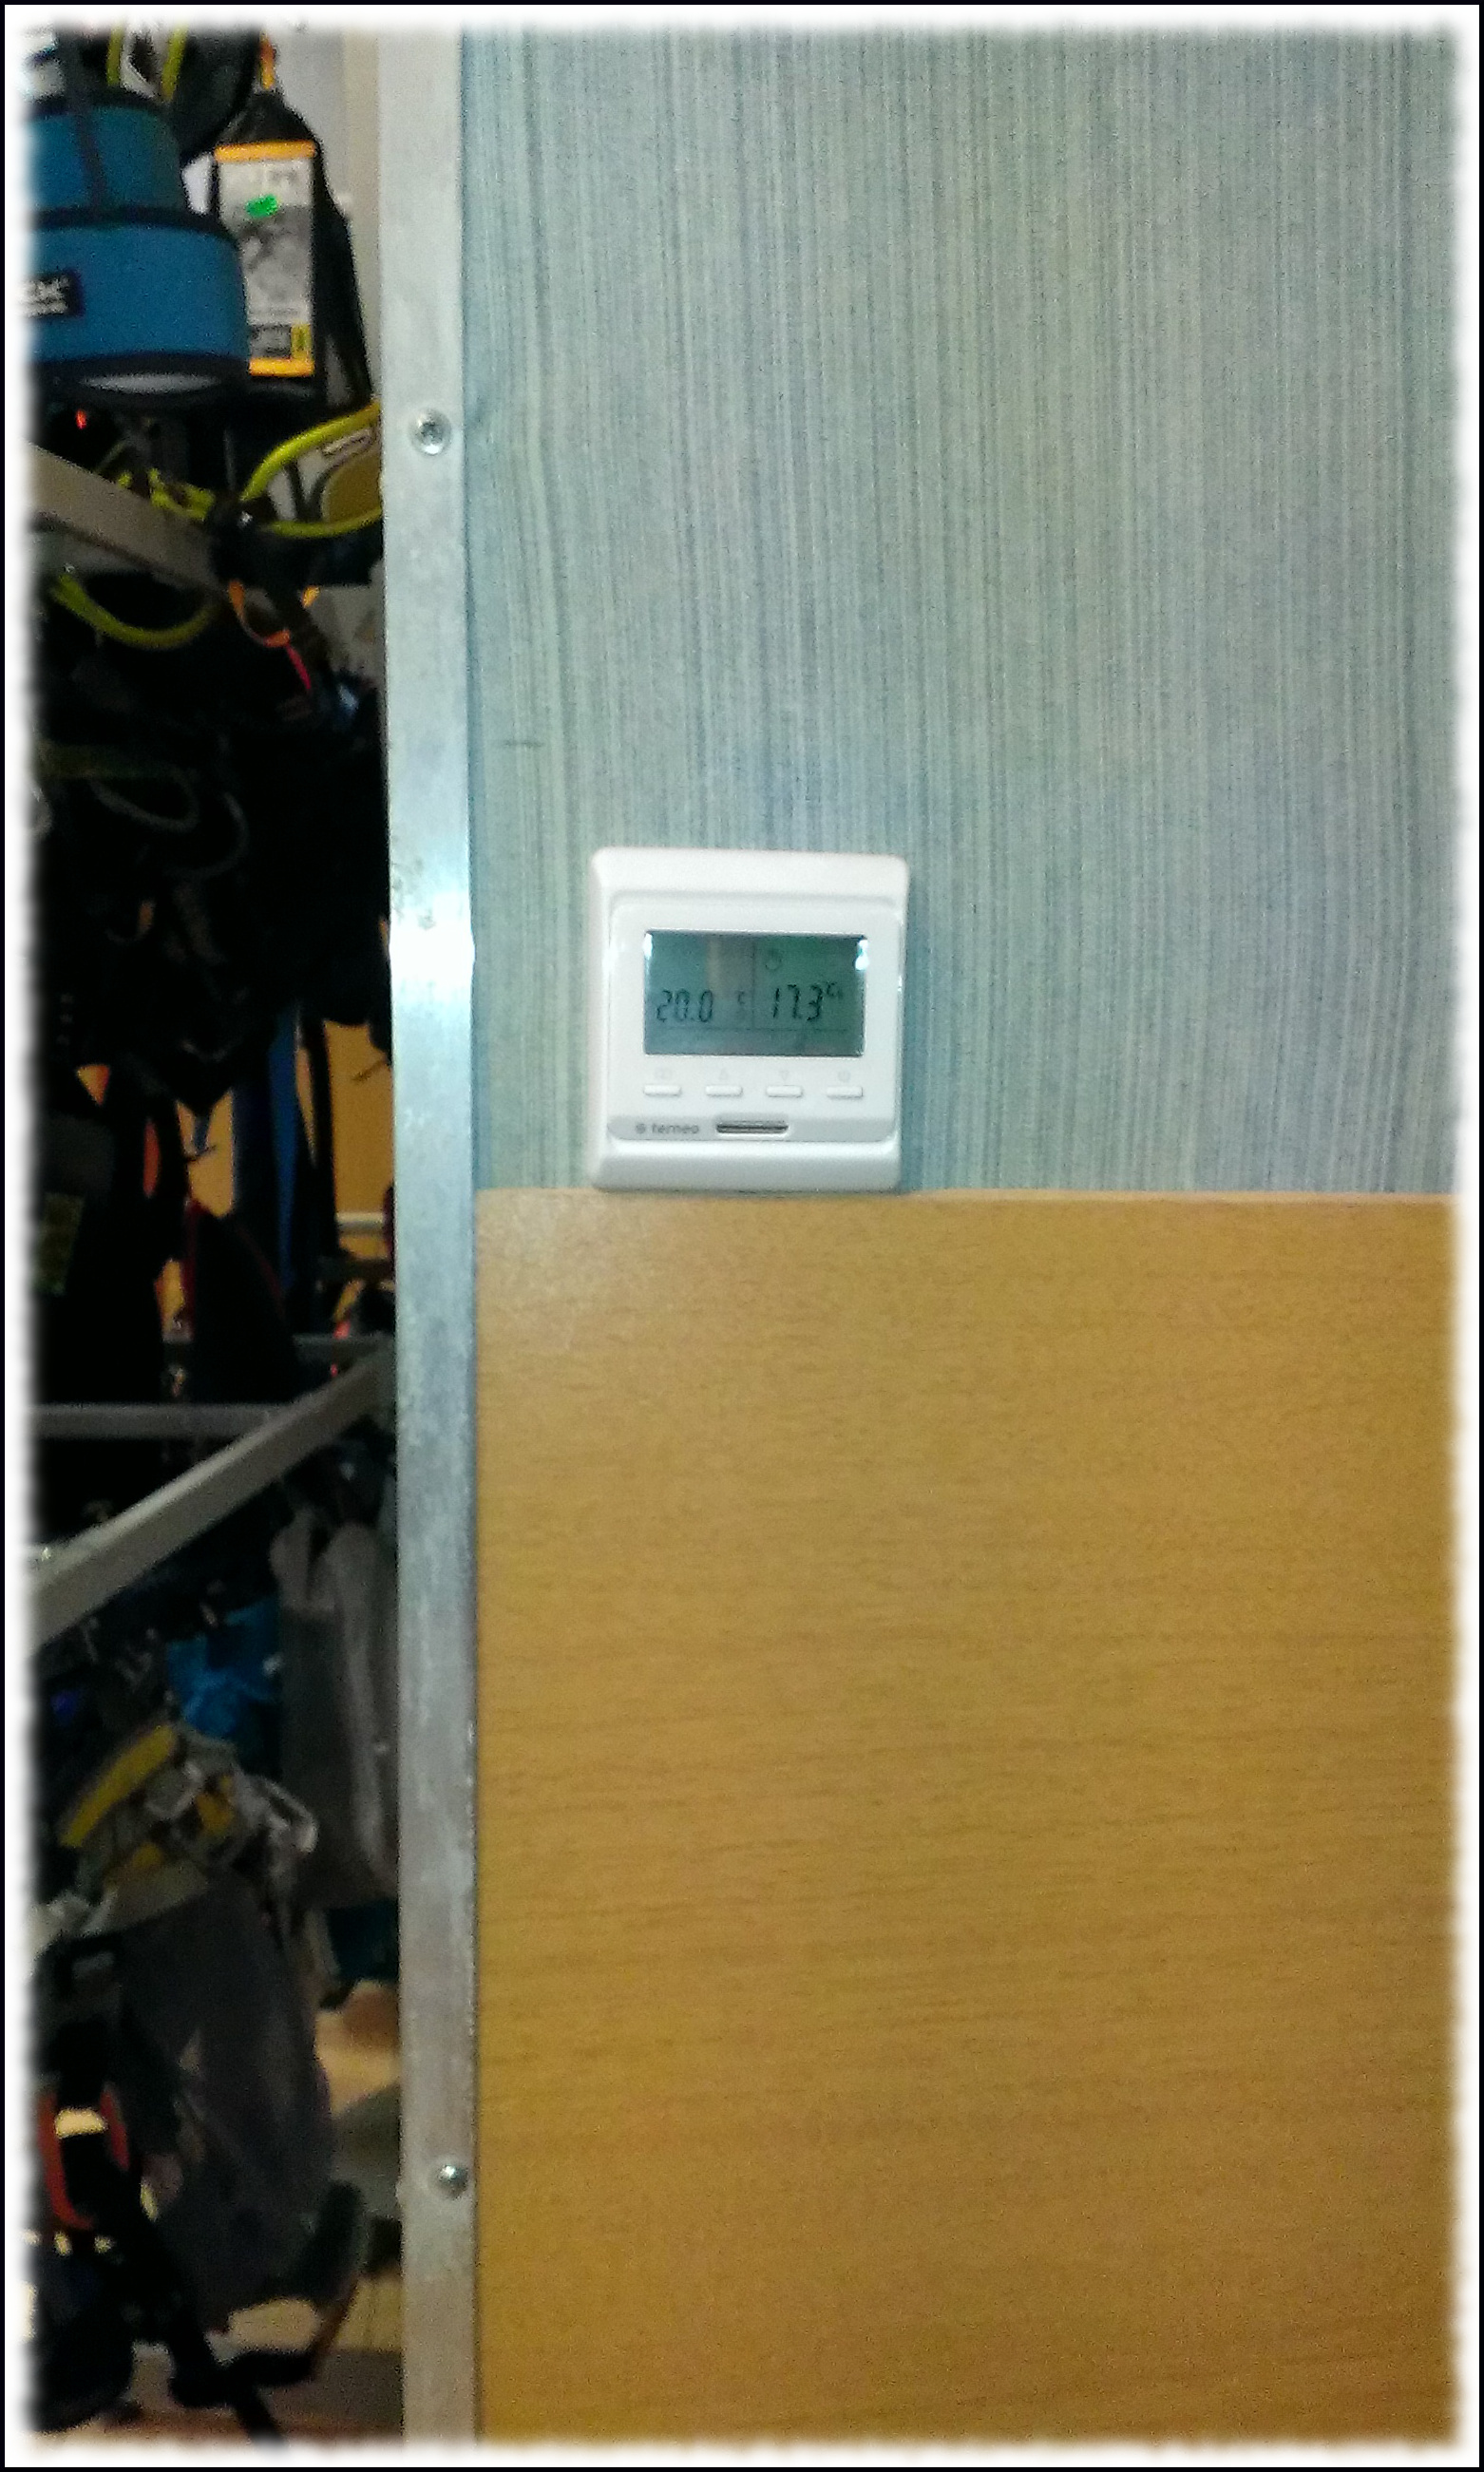 экономичное отопление электрическими инфракрасными обогревателями